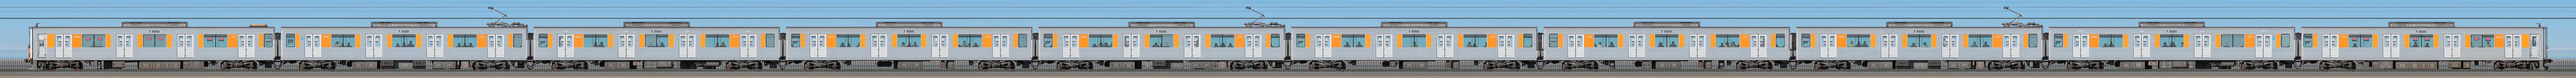 東武50050型51061編成(海側)の編成サイドビュー